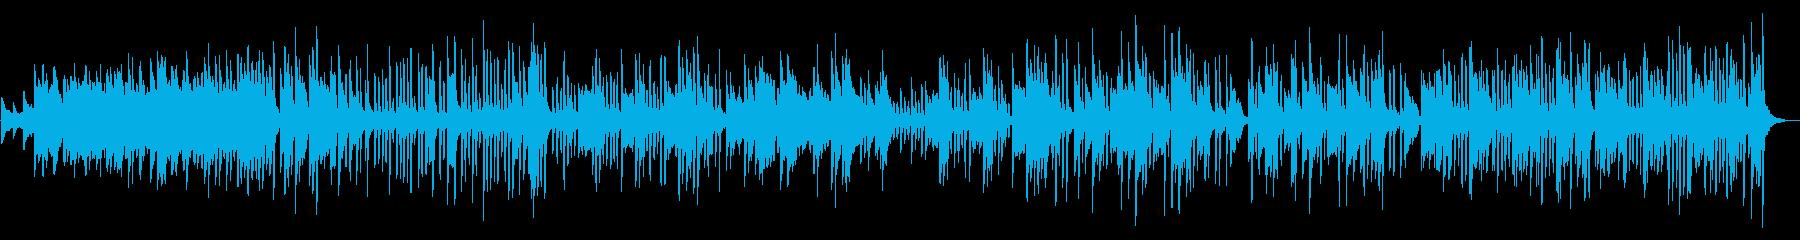 名曲「美しく青きドナウに」ピアノソロの再生済みの波形